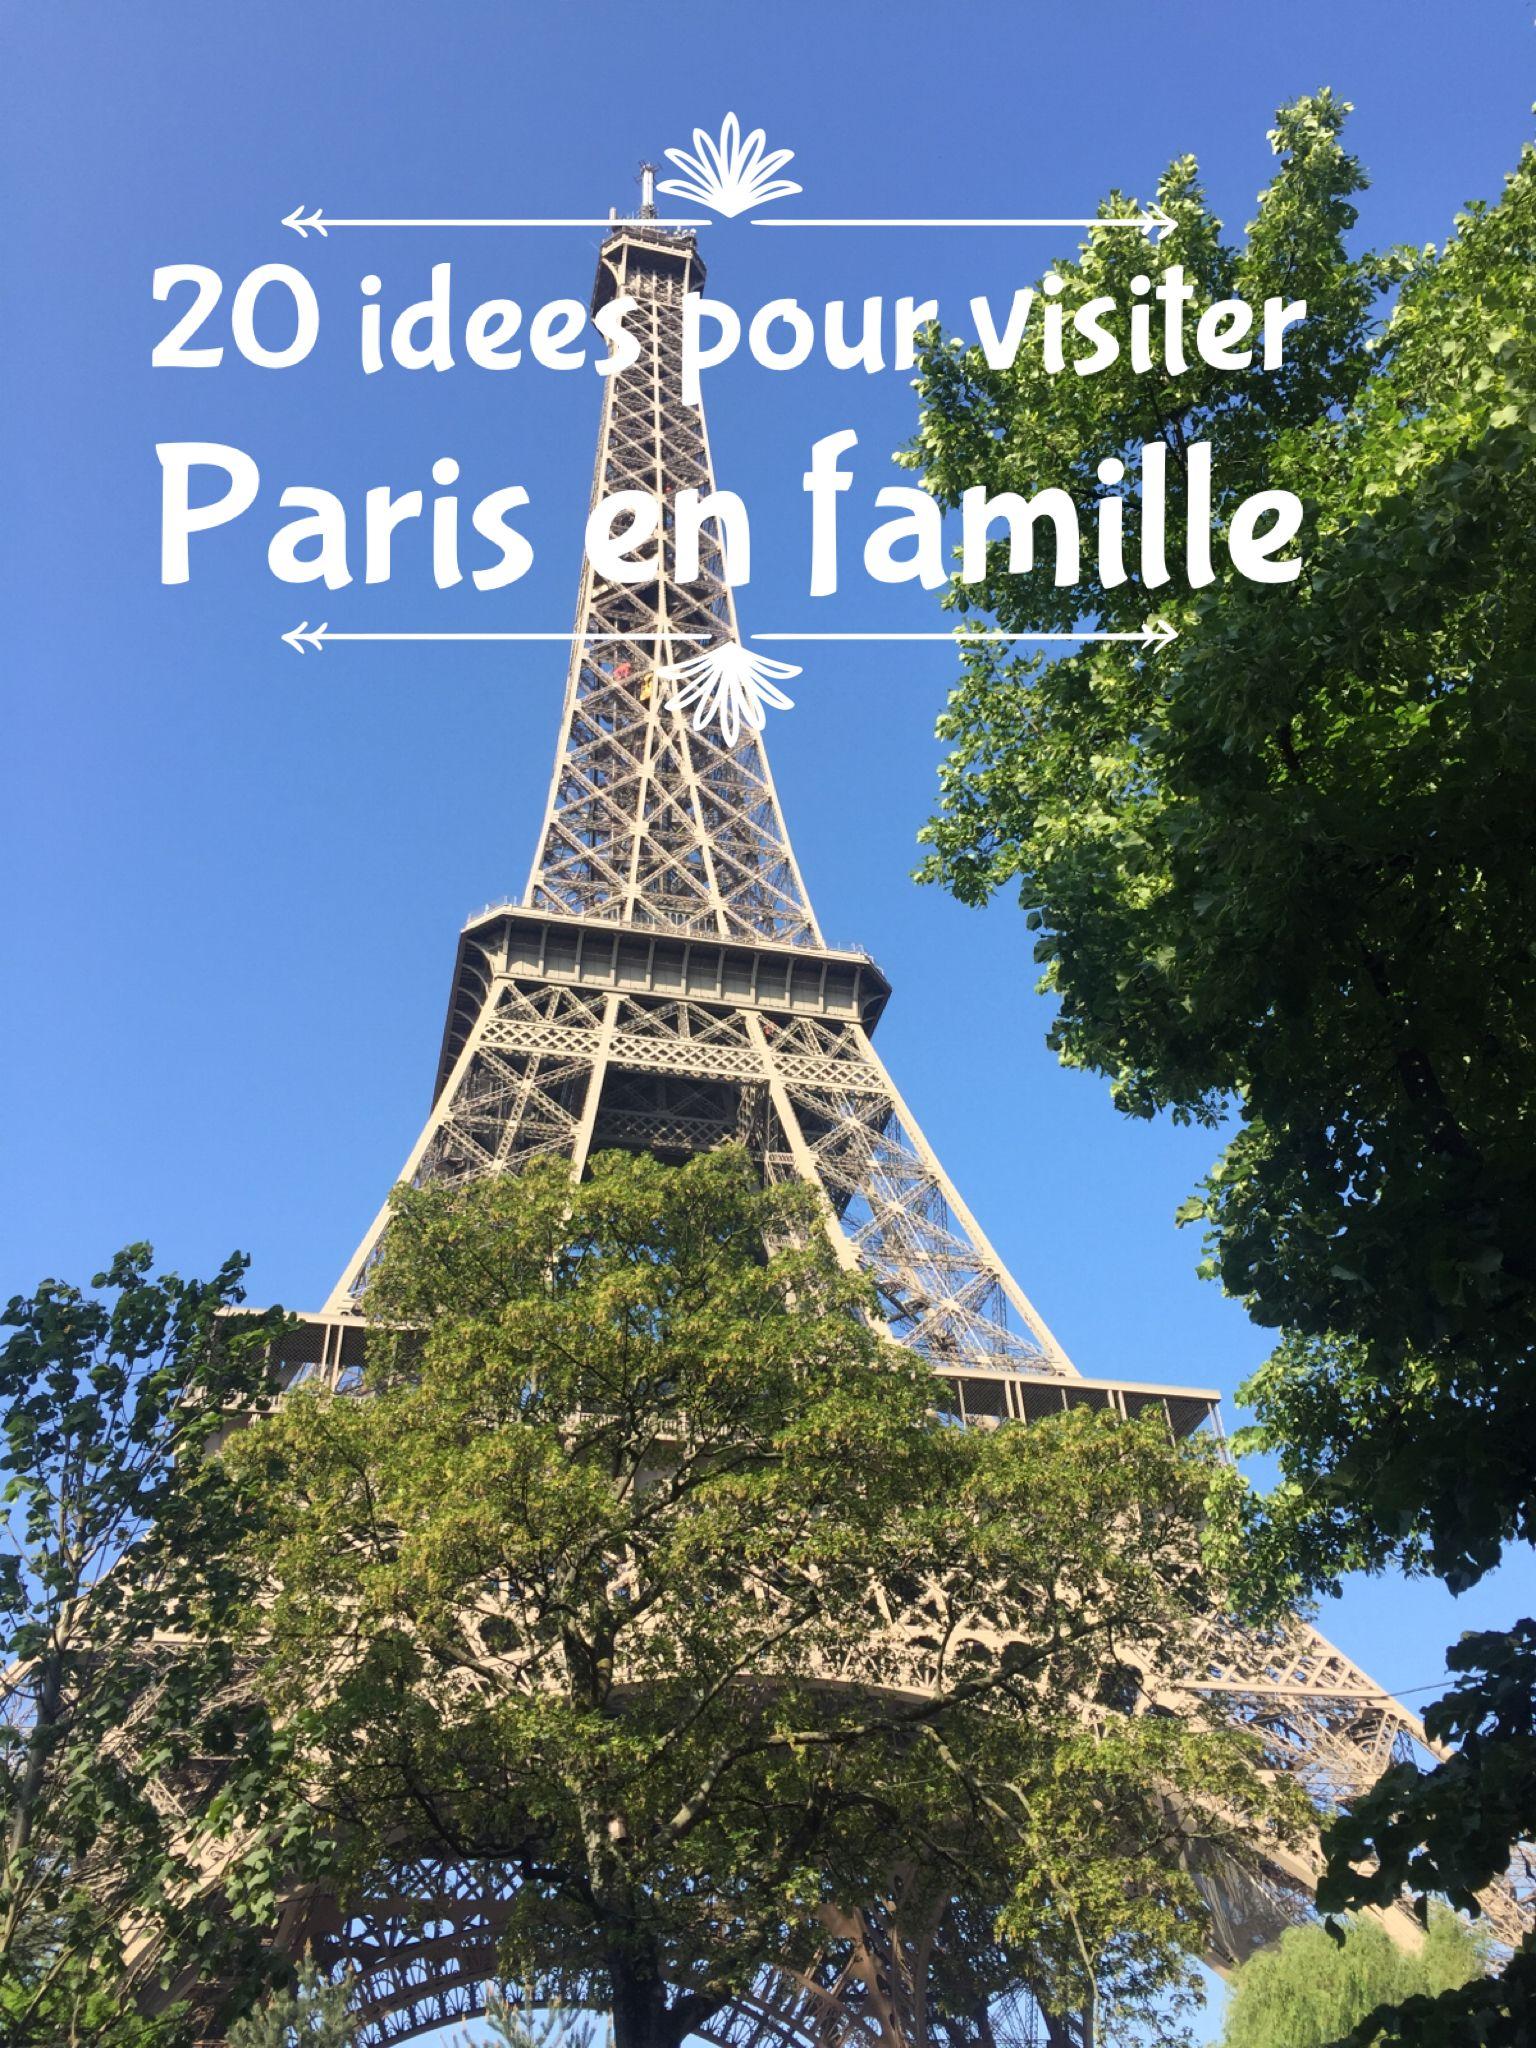 Visiter Paris En Famille 20 Idees Pour Decouvrir La Capitale Avec Les Enfants Visiter Paris En Famille Visite Insolite Paris Decouvrir Paris